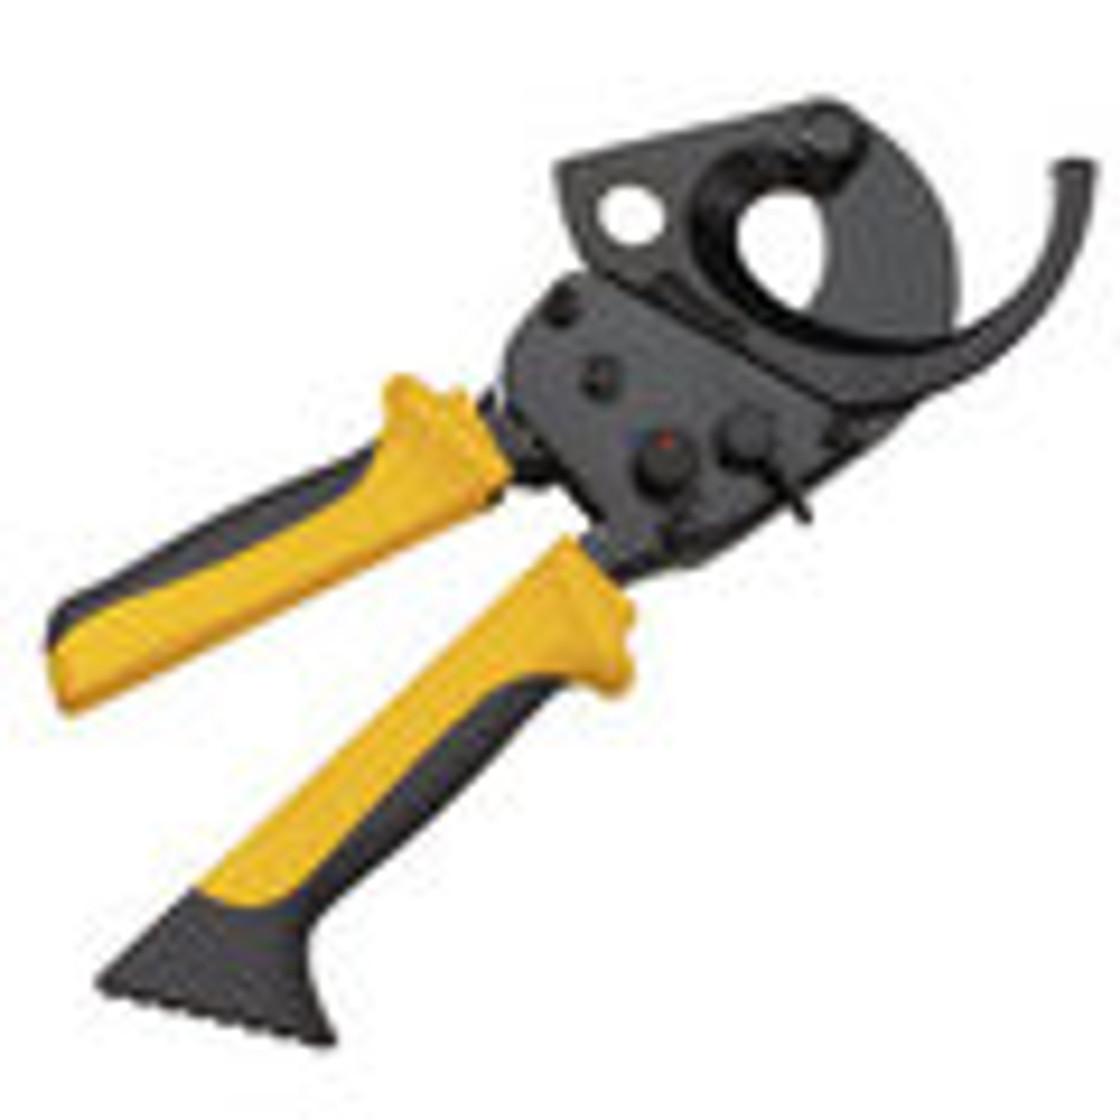 DataCom Tools & Equipment